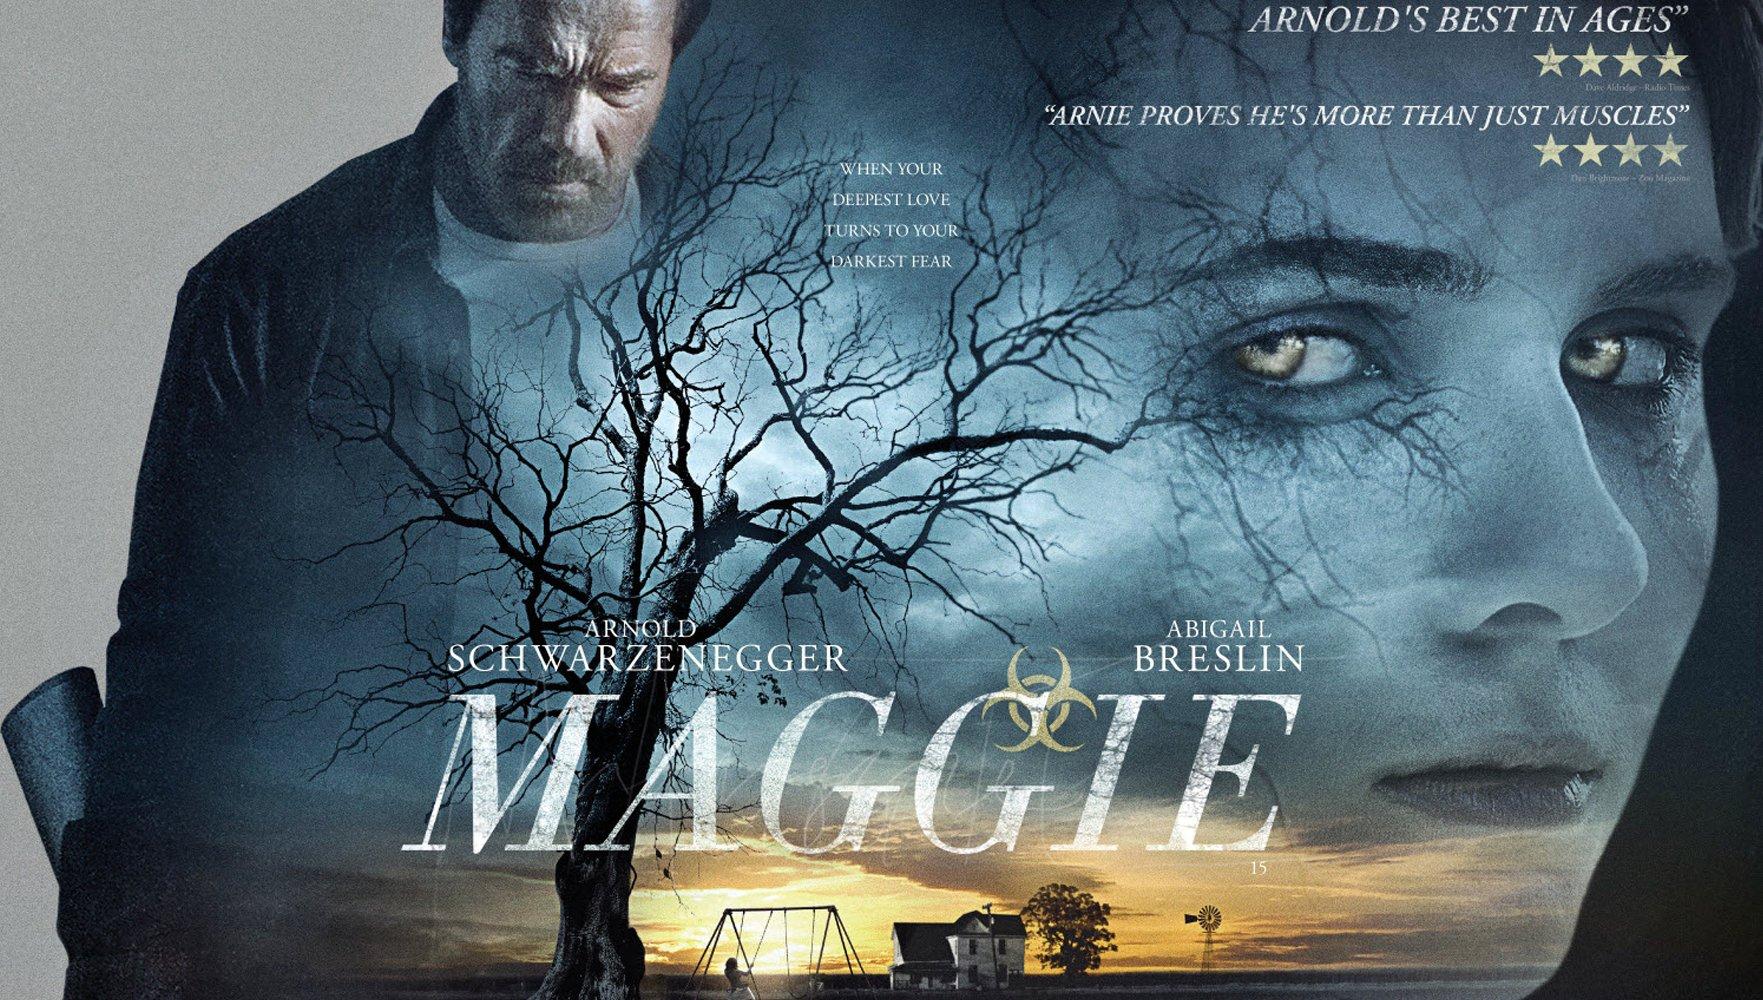 Maggie ou le contre-emploi de Schwarzenegger qui NE parvient PAS à sauver le monde ni sa fille?